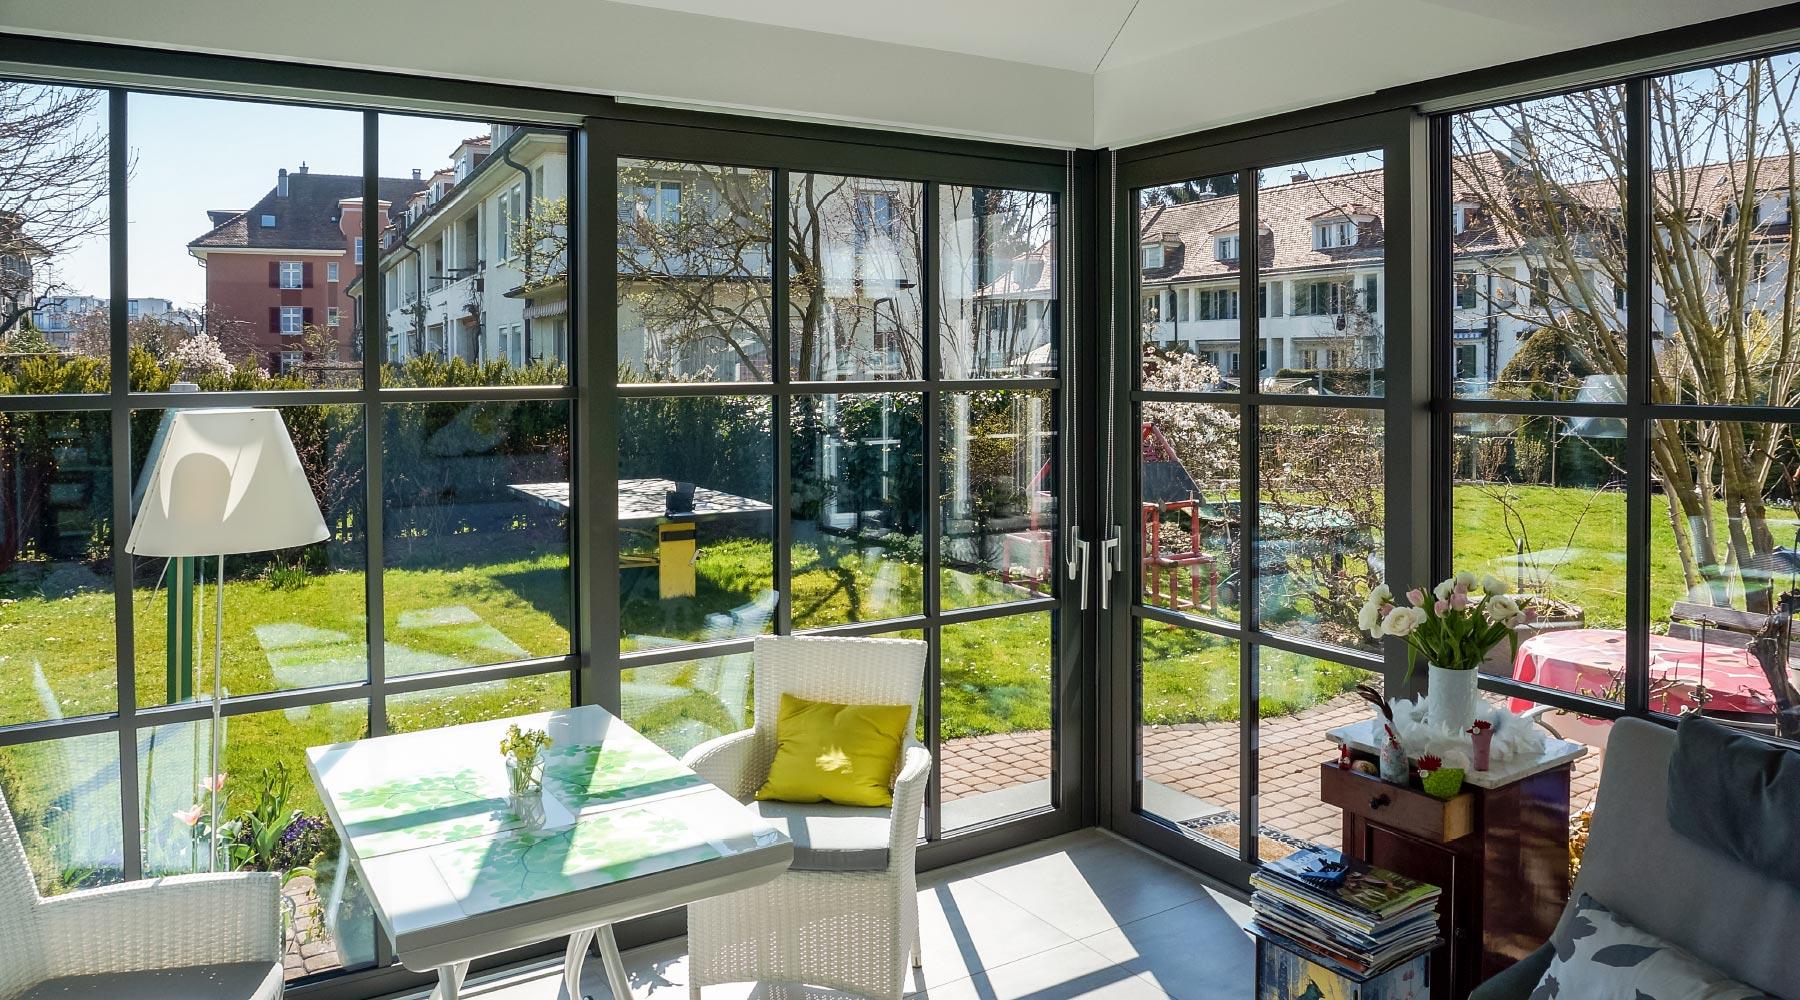 Wintergarten, Wohnwintergarten, Wohnraumerweiterungen, Verglasungen